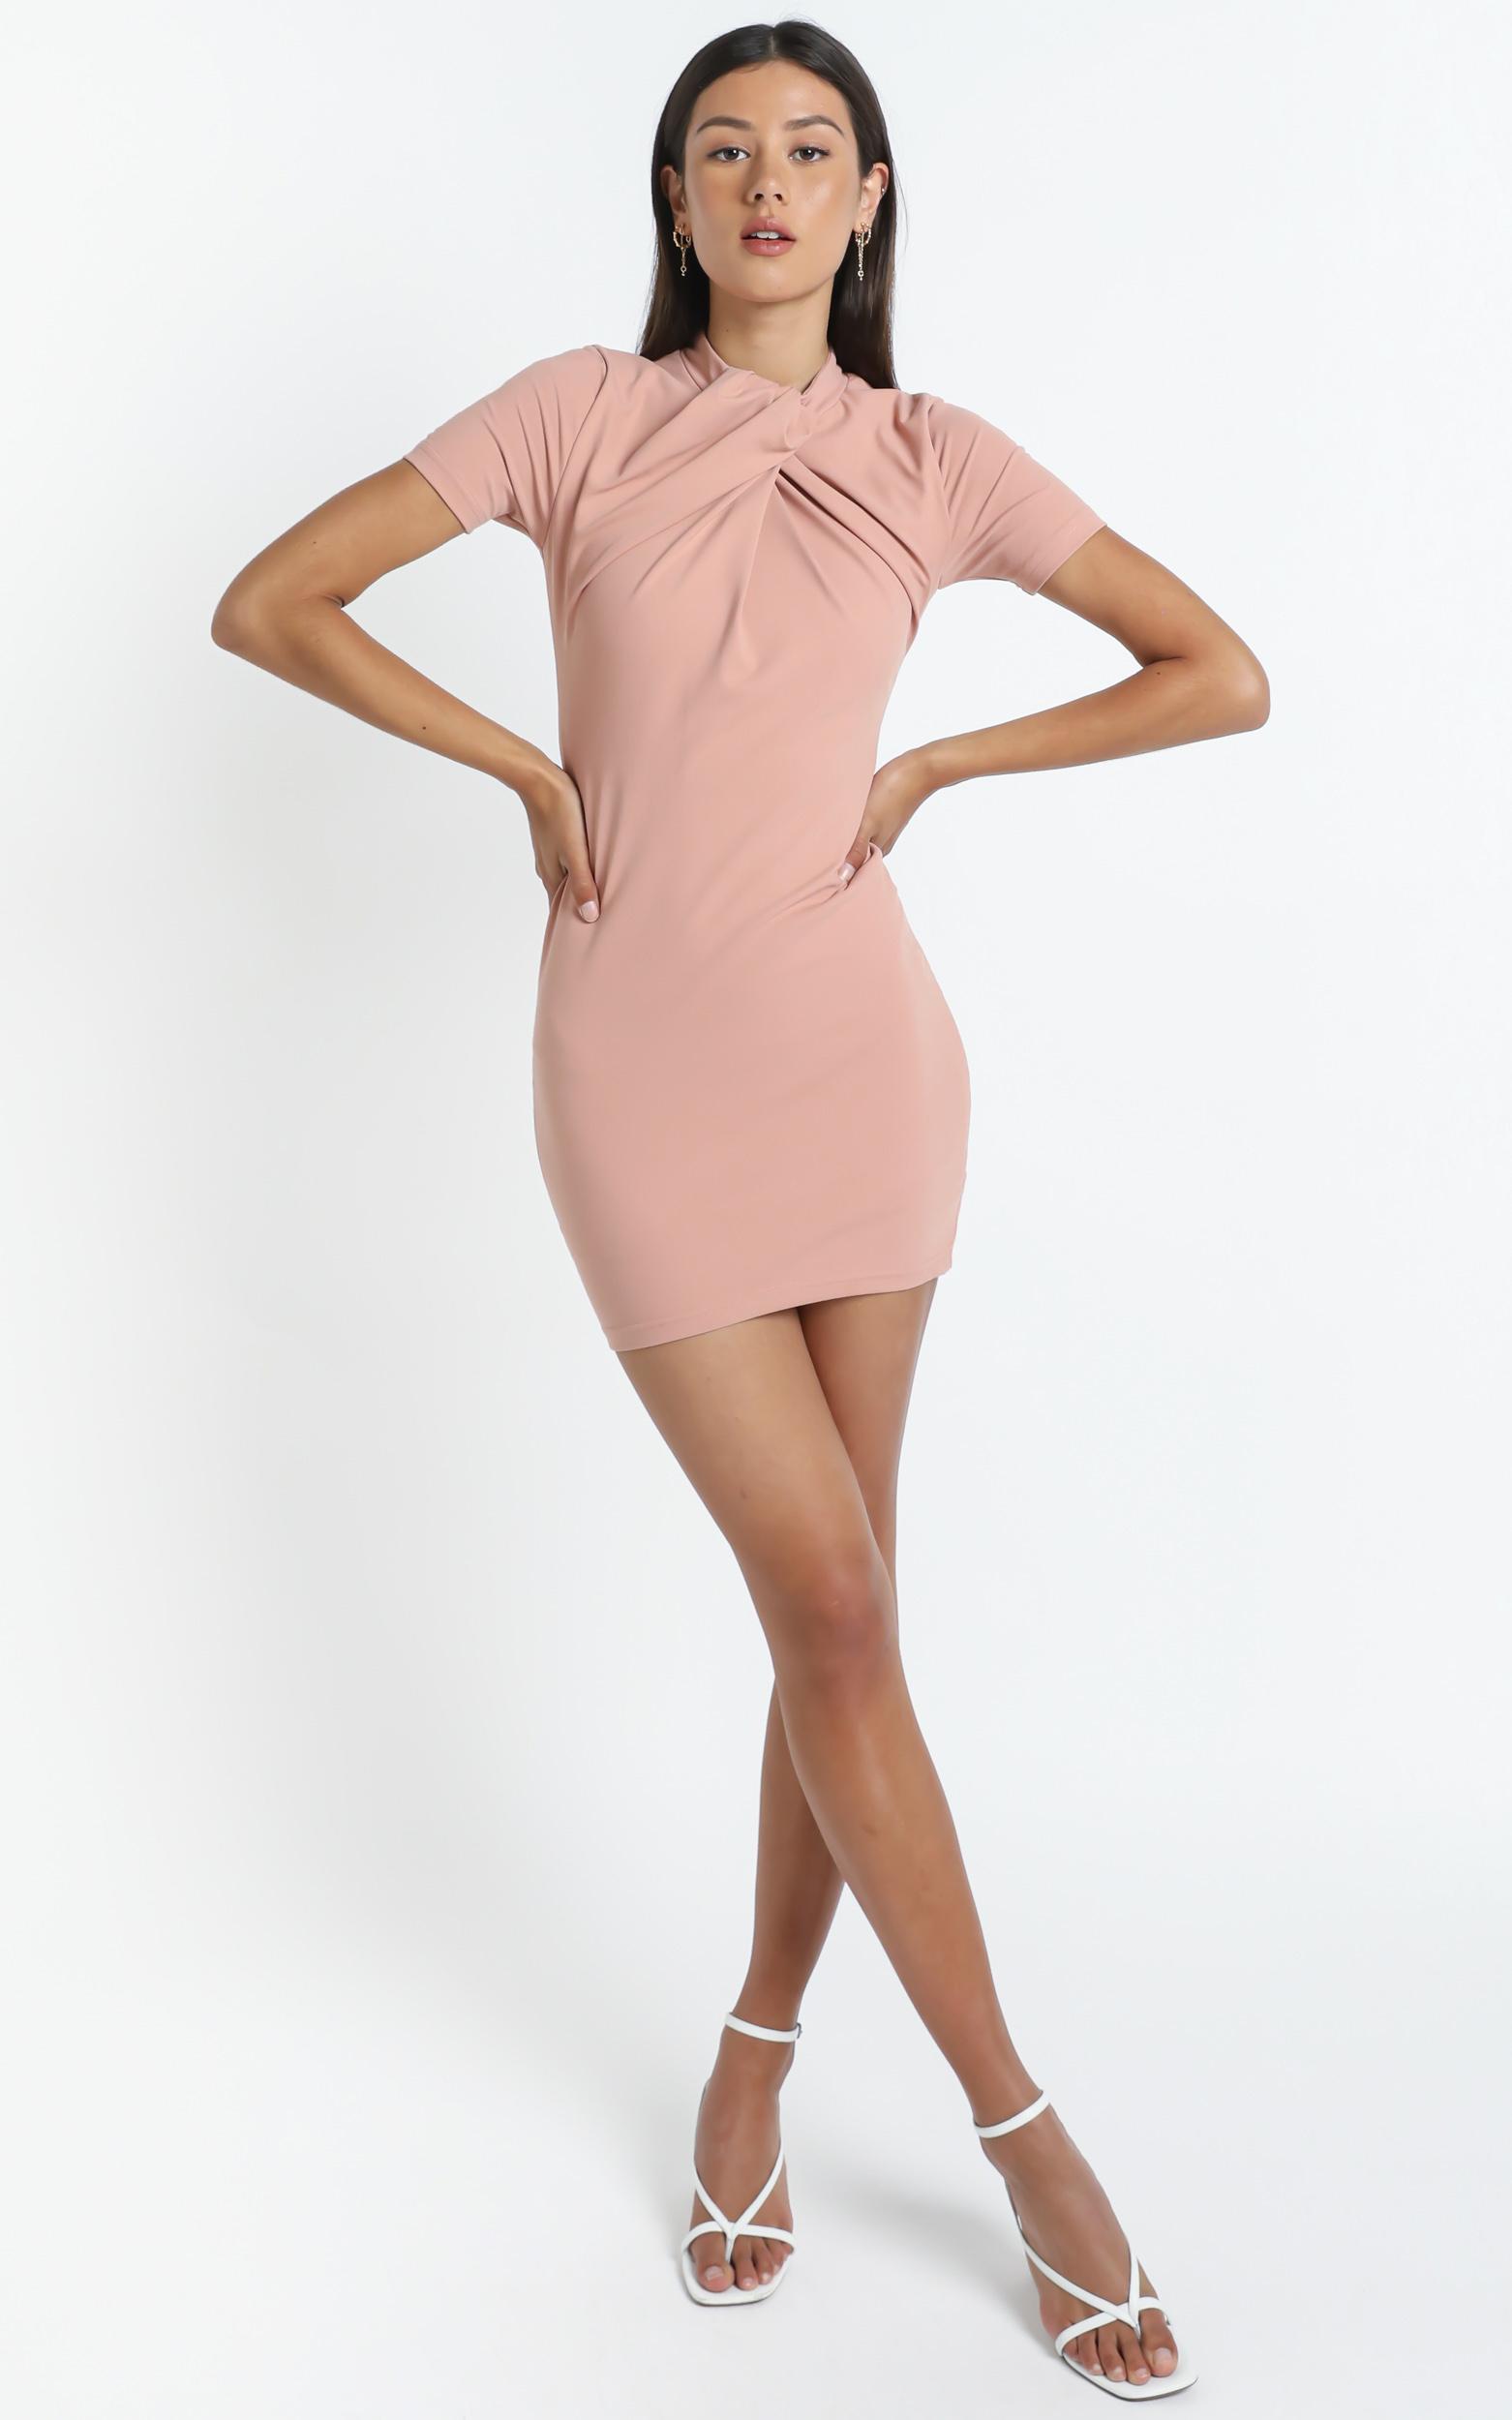 Rudie Dress in Beige - 14 (XL), CRE1, hi-res image number null